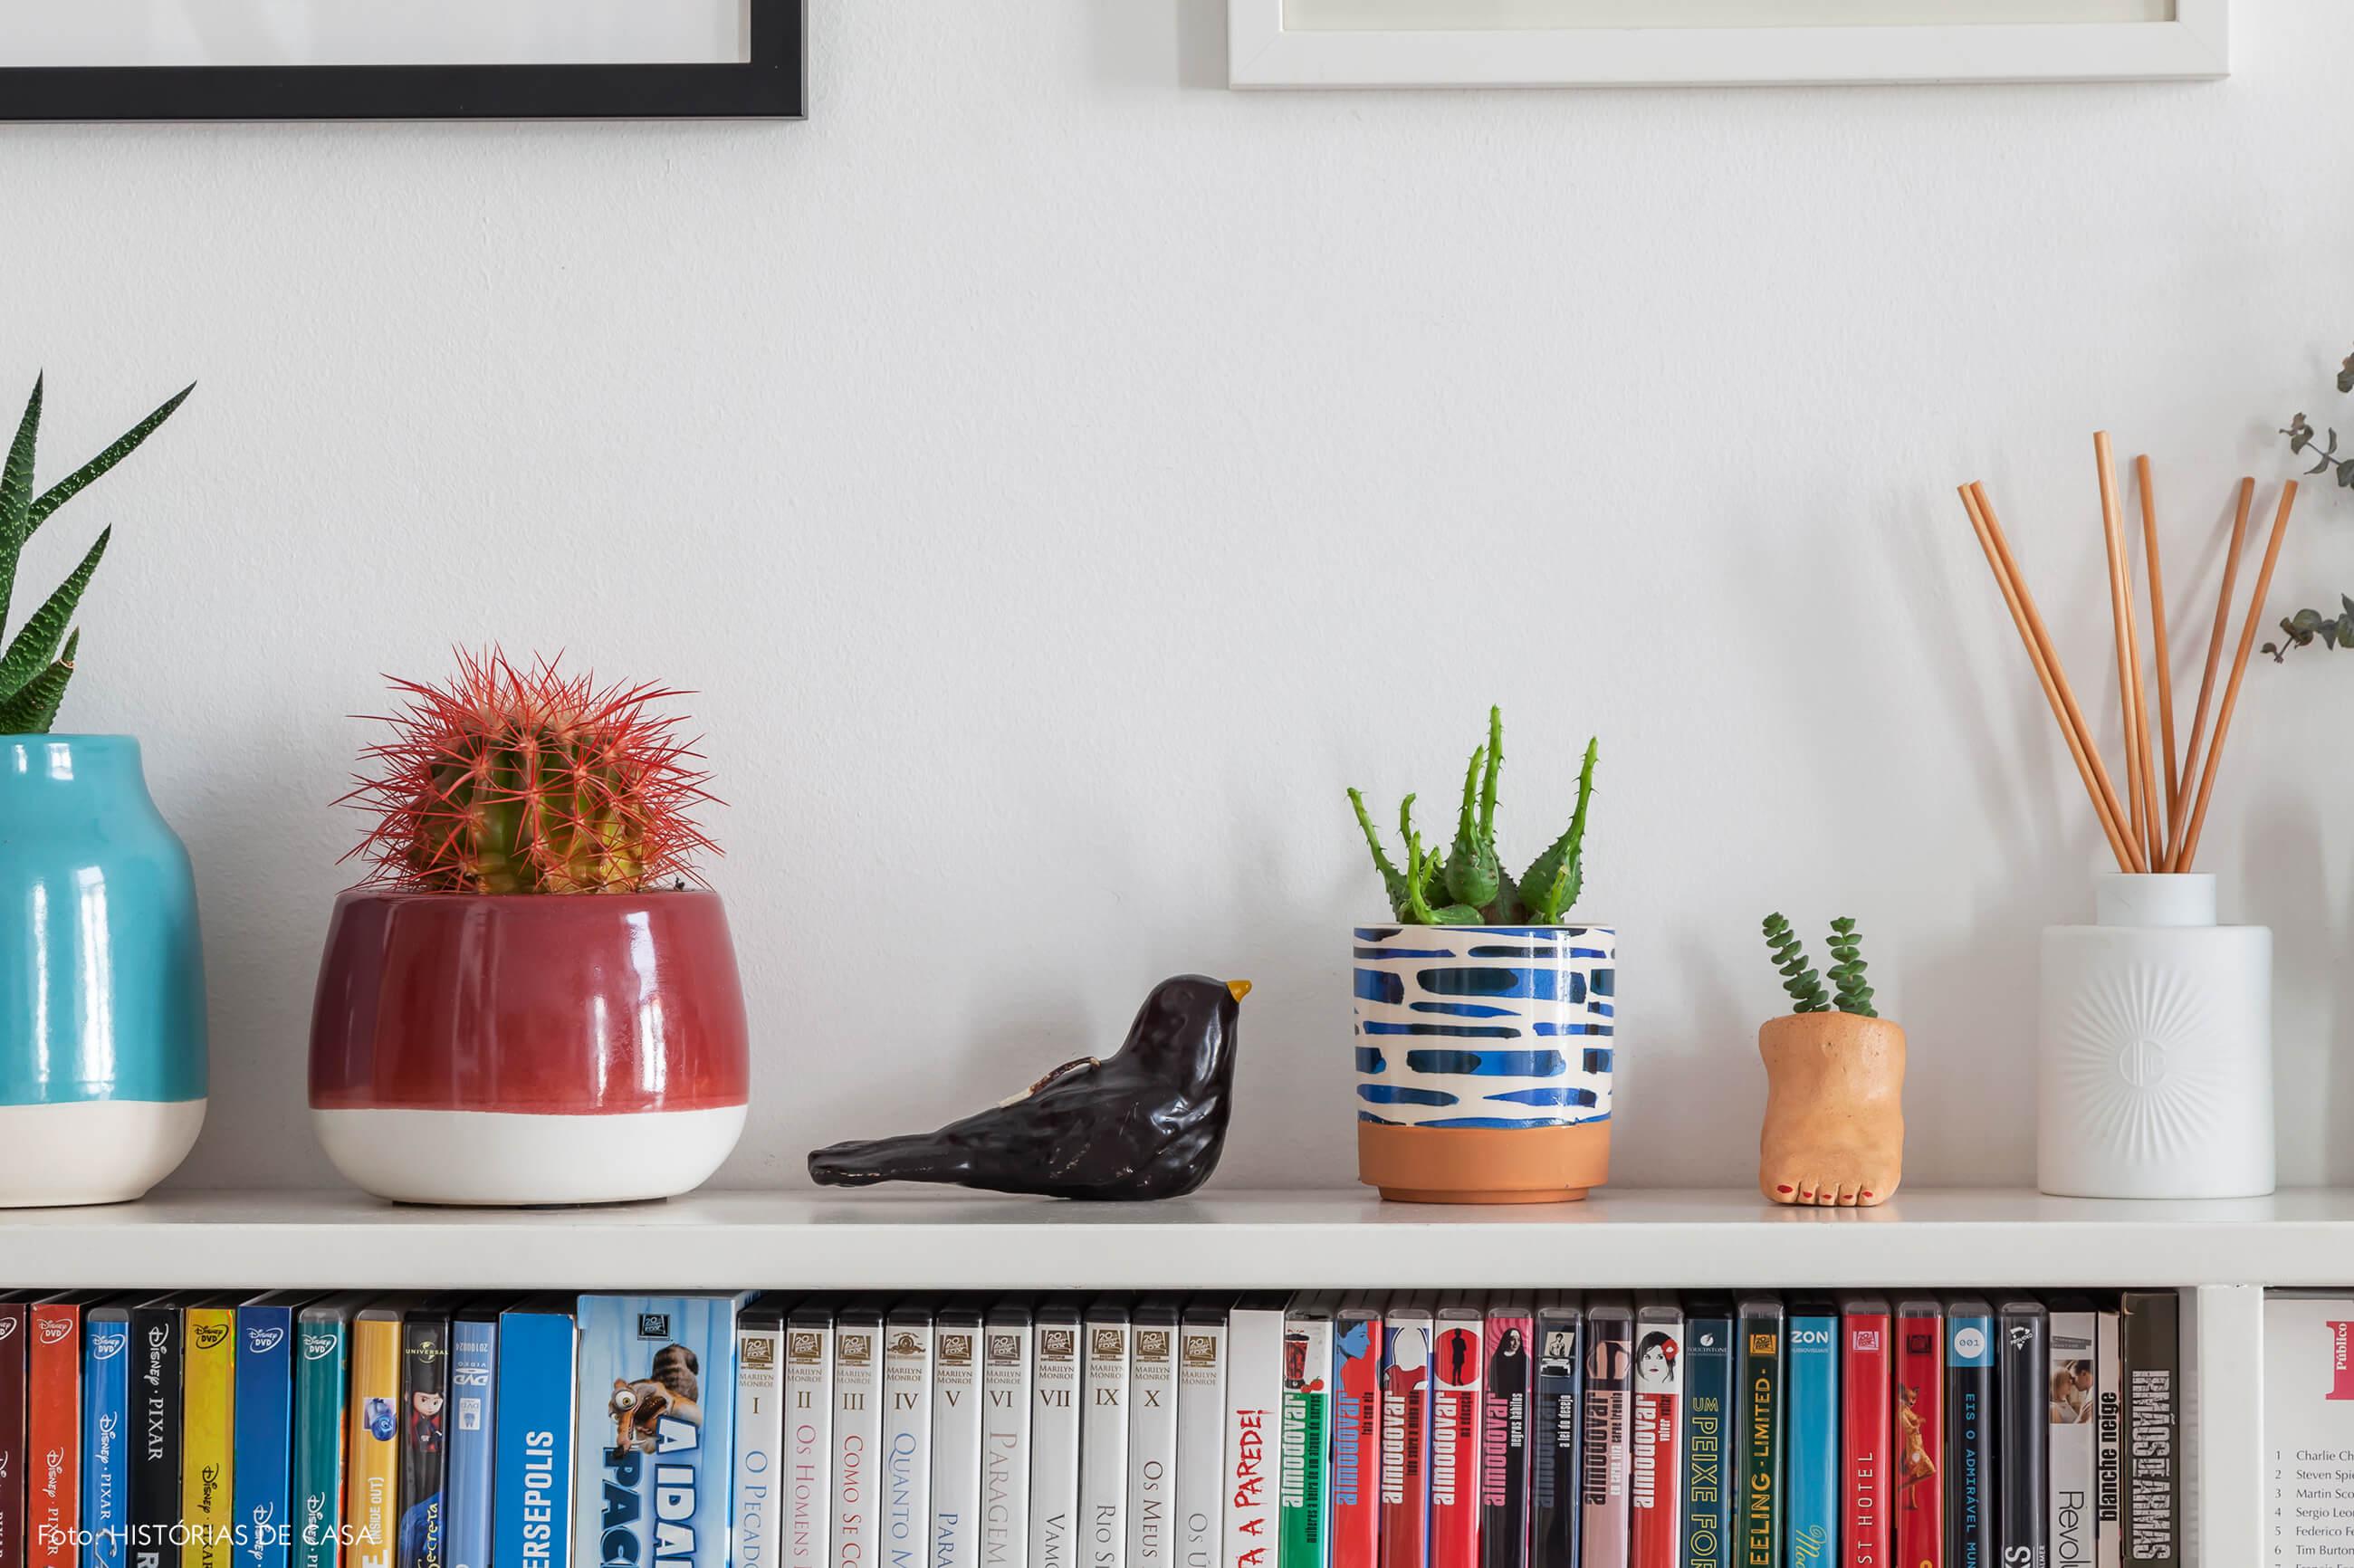 Apartamento em Portugal, decoração afetiva com coleção de vasos